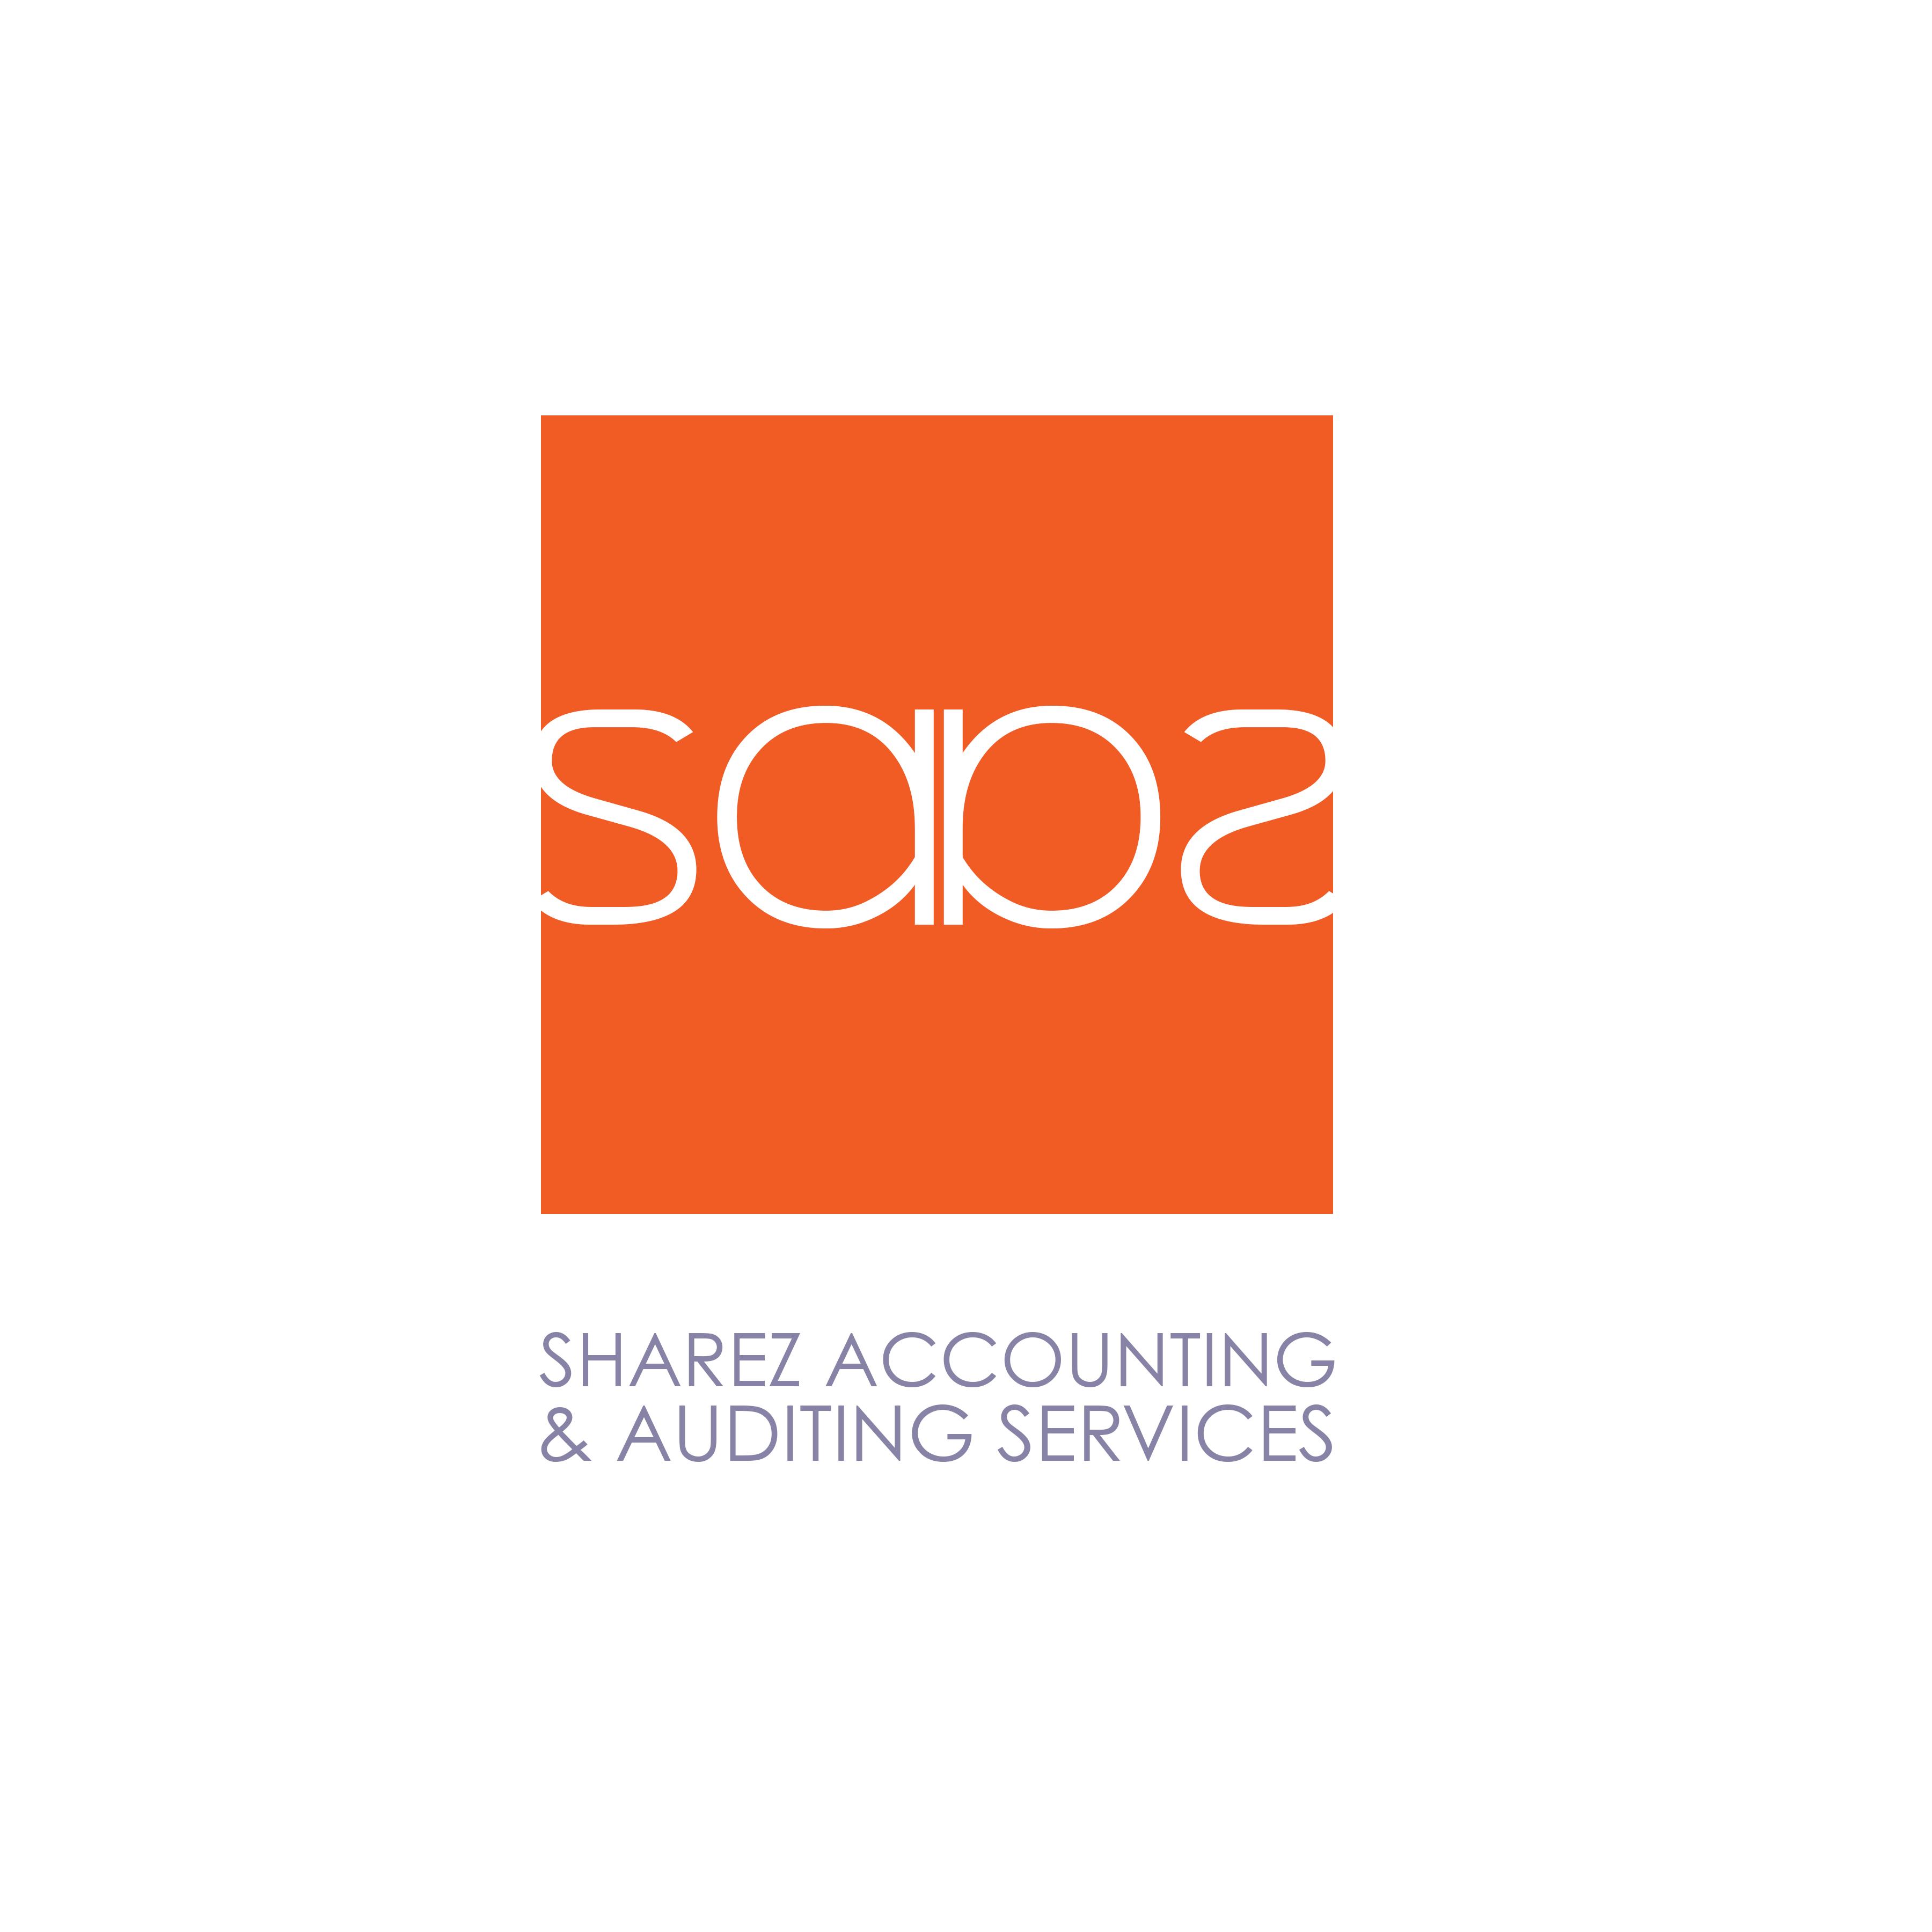 SAAS Logo Proposal 1